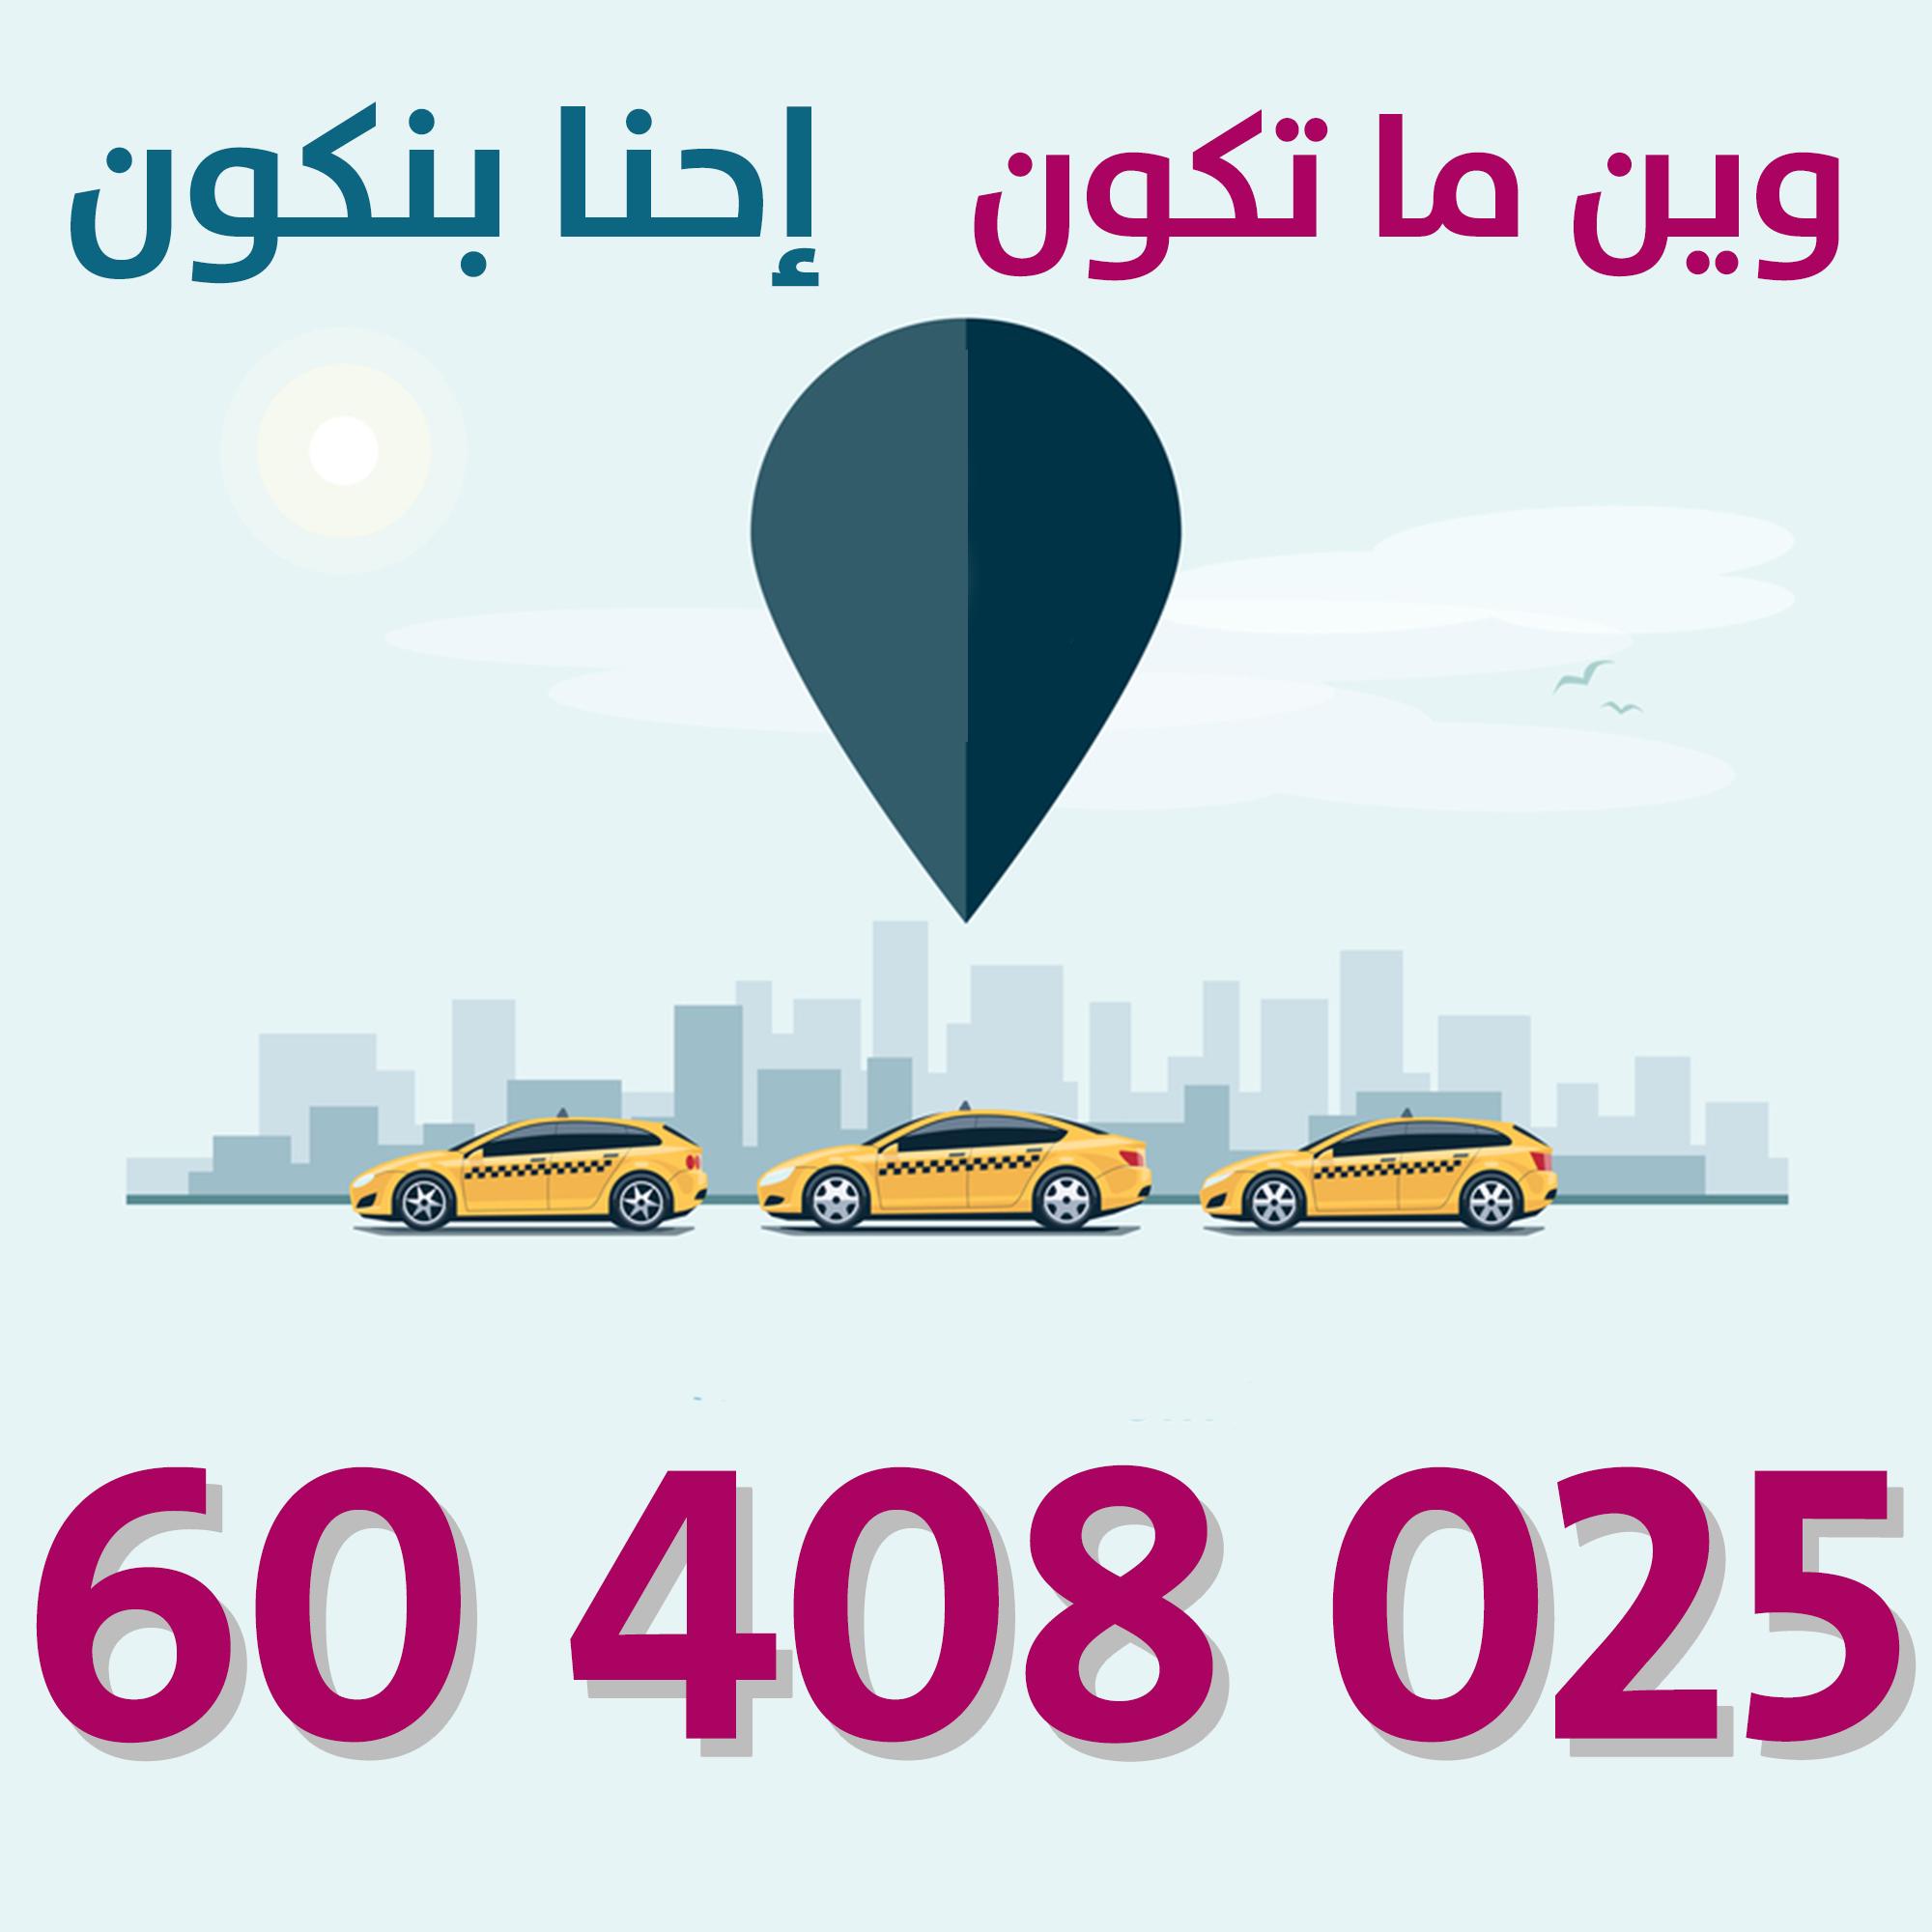 تاكسي توصيلة في شارع أبو موسى الأشعري